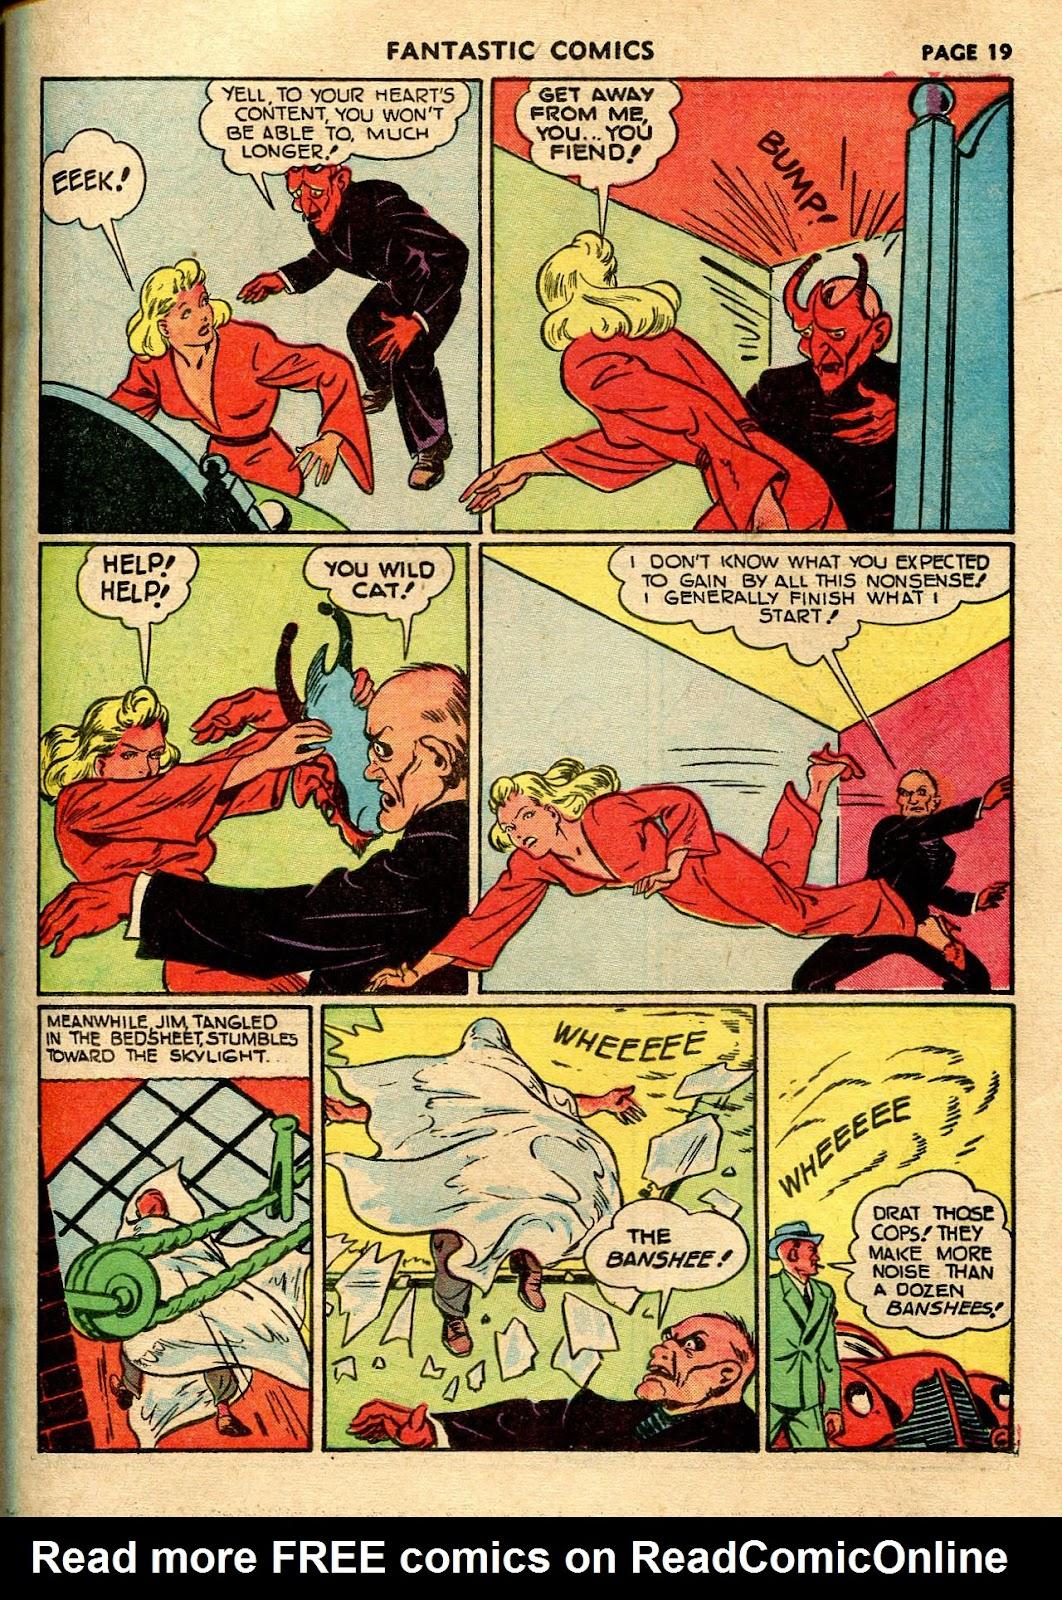 Read online Fantastic Comics comic -  Issue #21 - 21